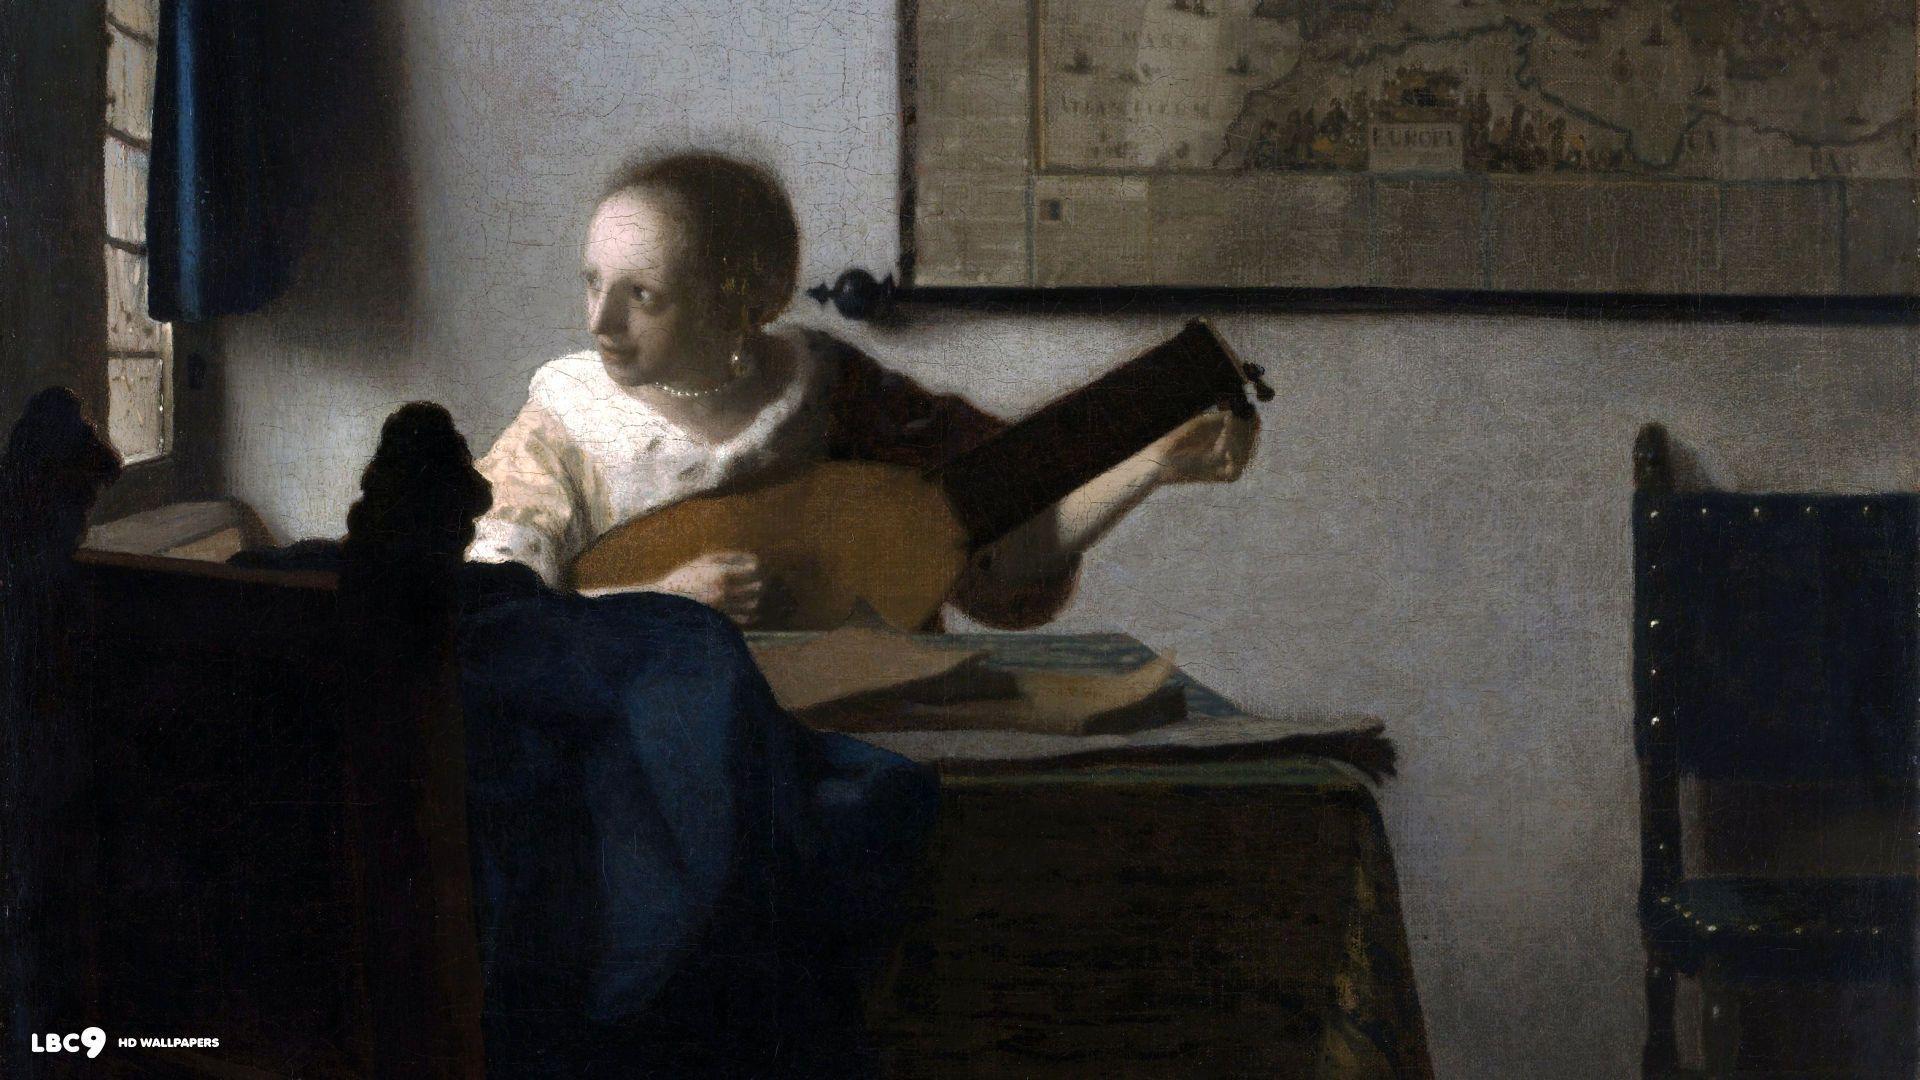 johannes vermeer wallpaper 16/16 | paintings hd backgrounds